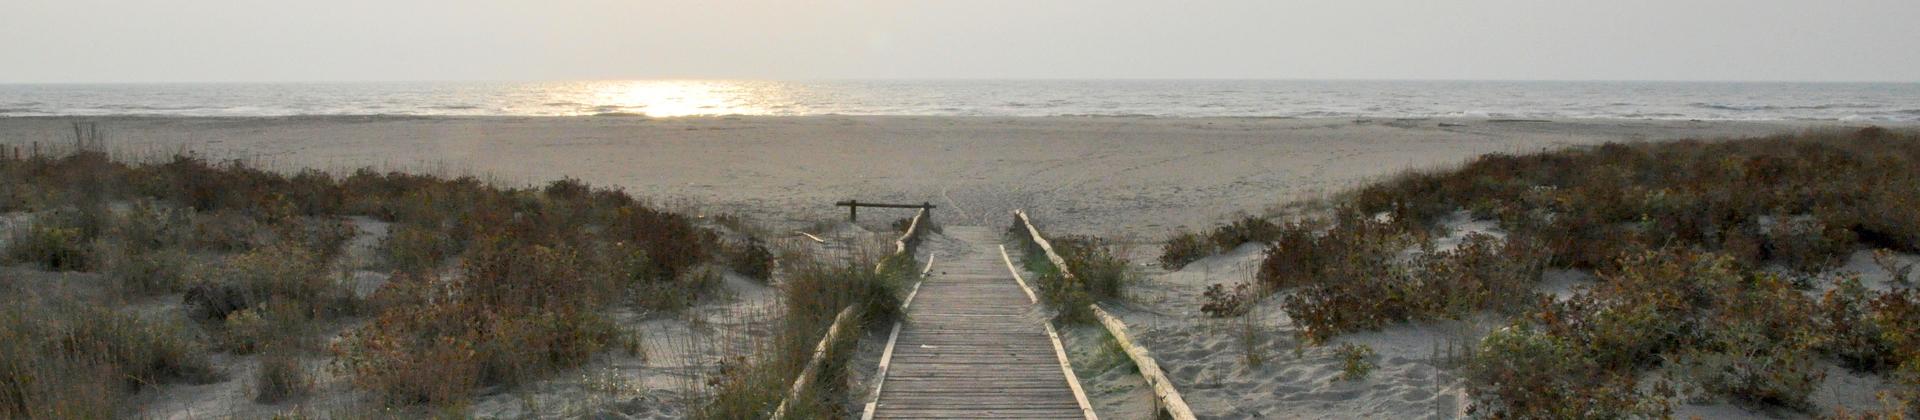 banner_spiaggia_viareggio.jpg